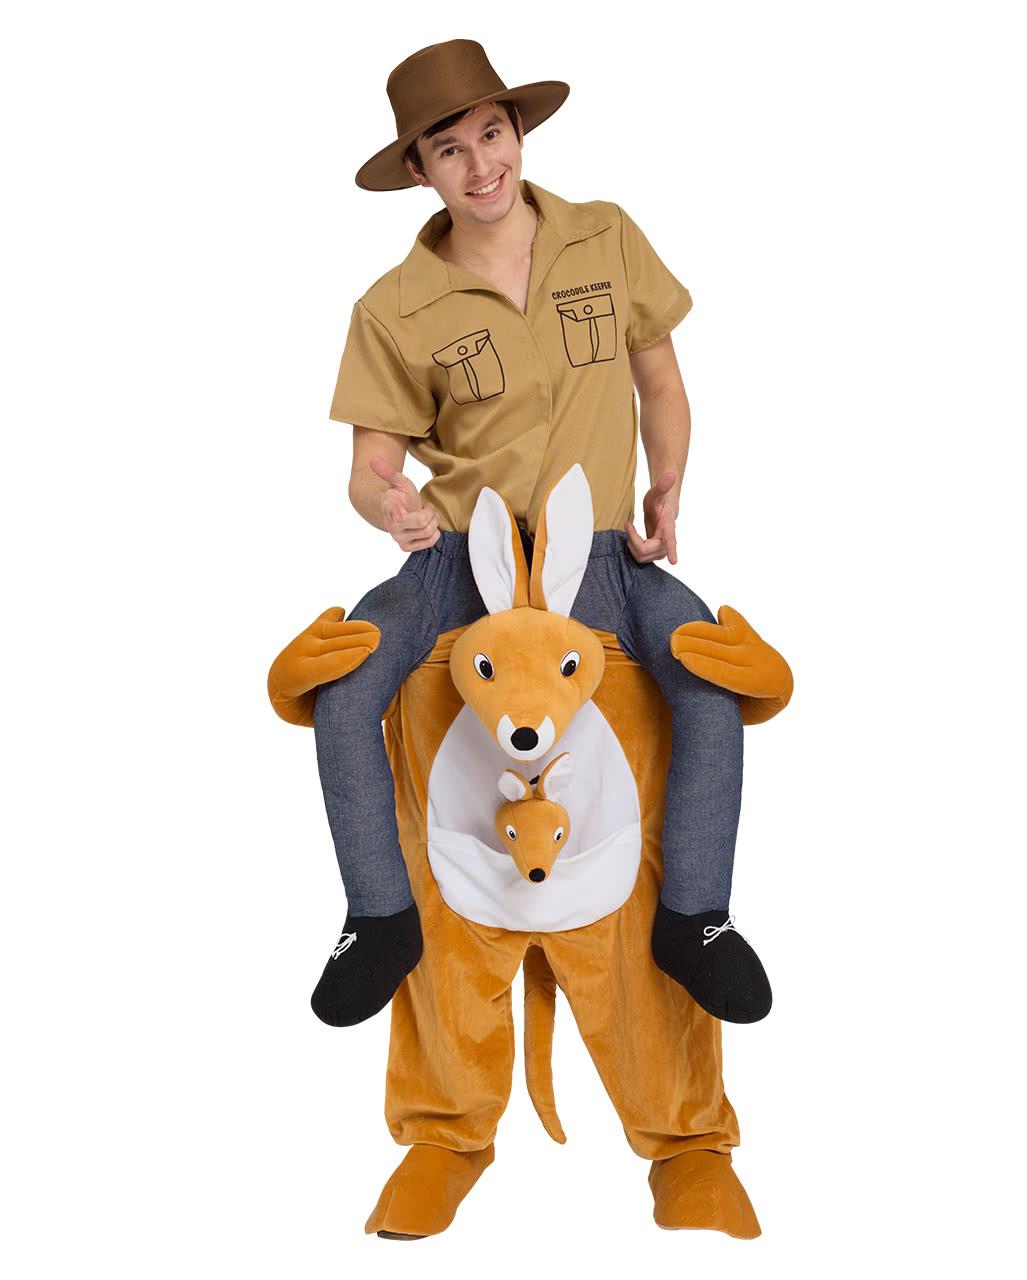 Kangaroo Carry Me Kostüm für Fasching   Horror-Shop.com